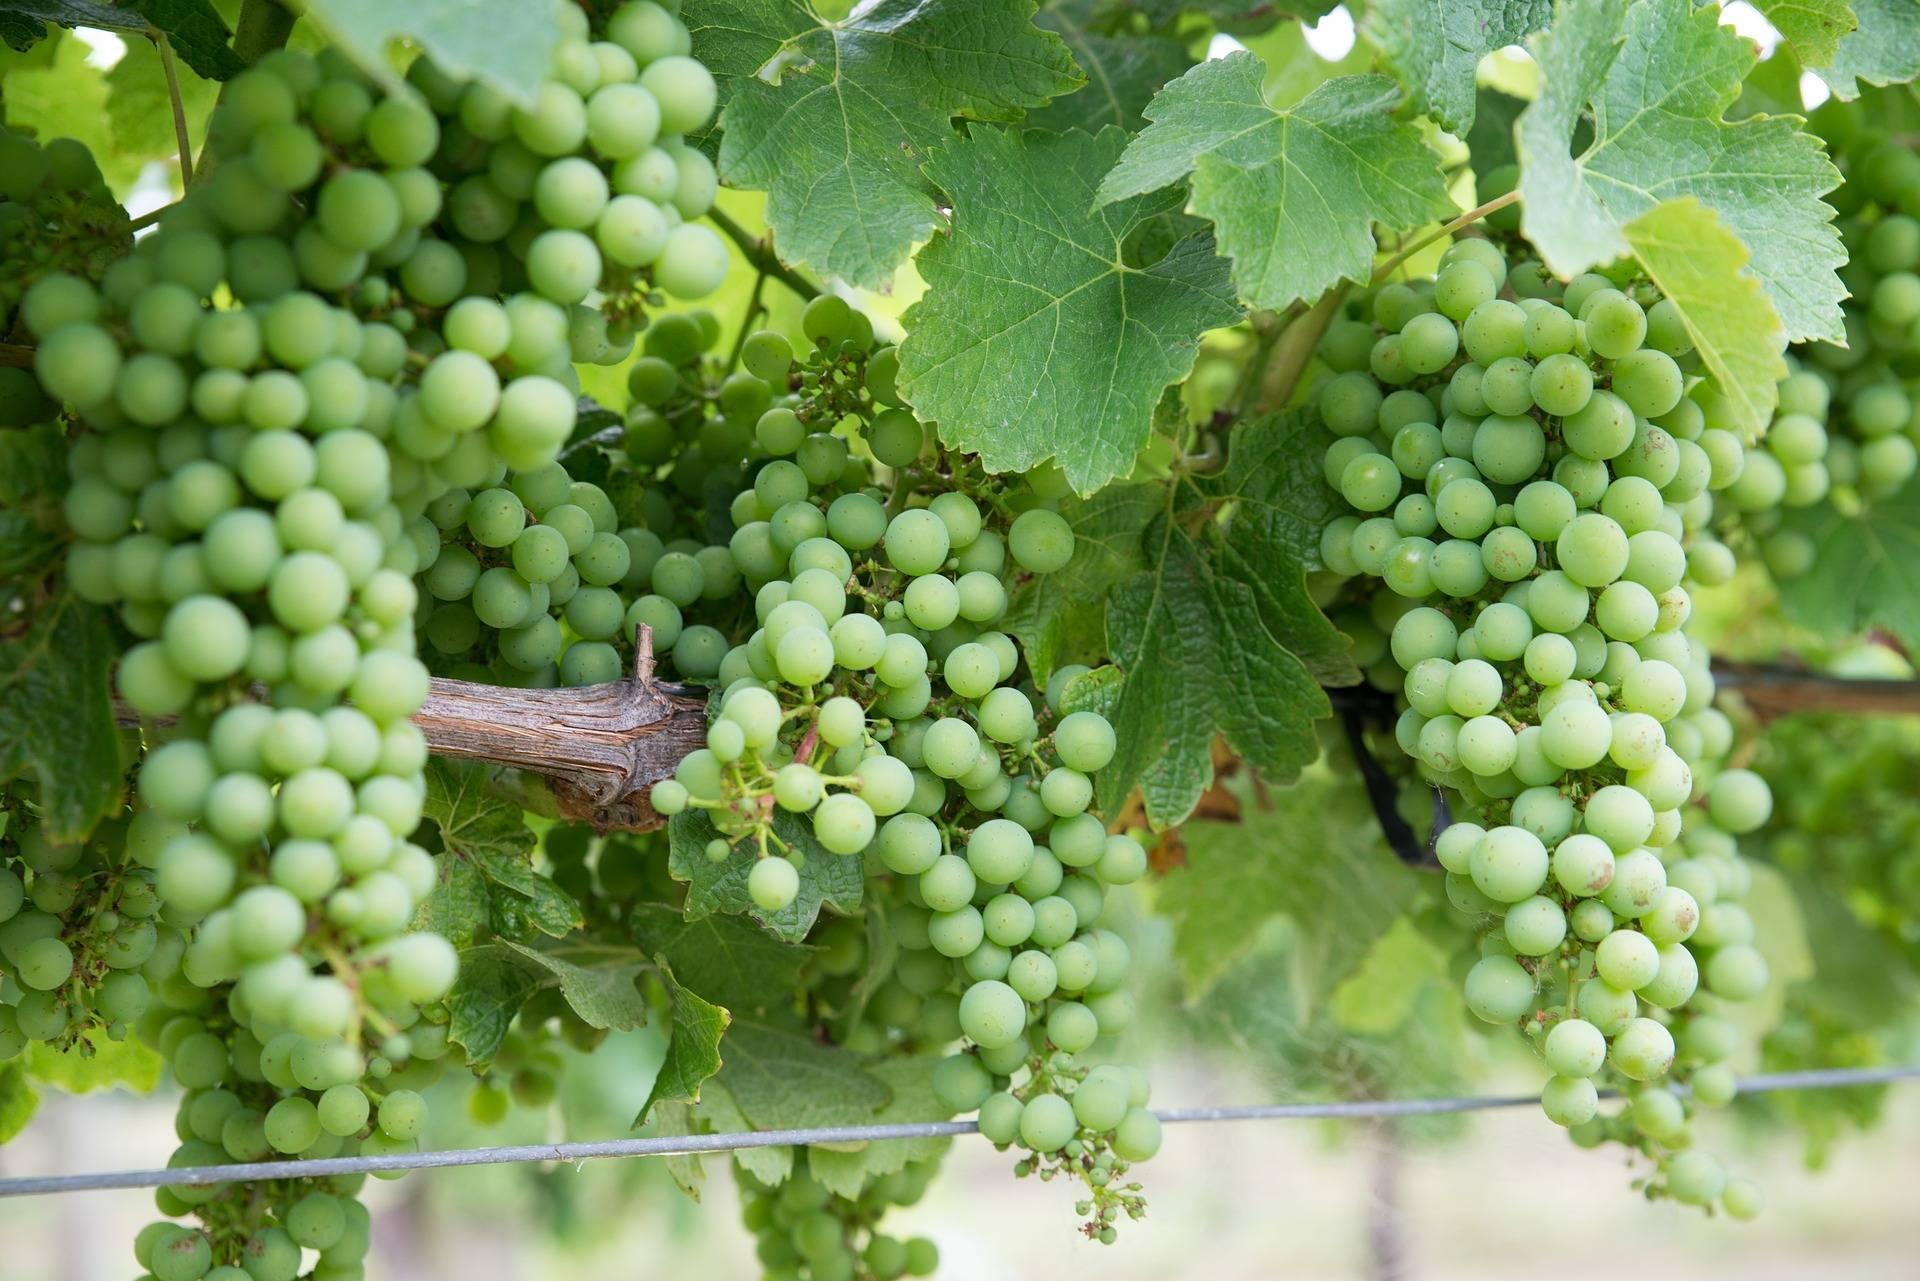 Виноград сорта аркадия: характеристики растения и советы по уходу за ним